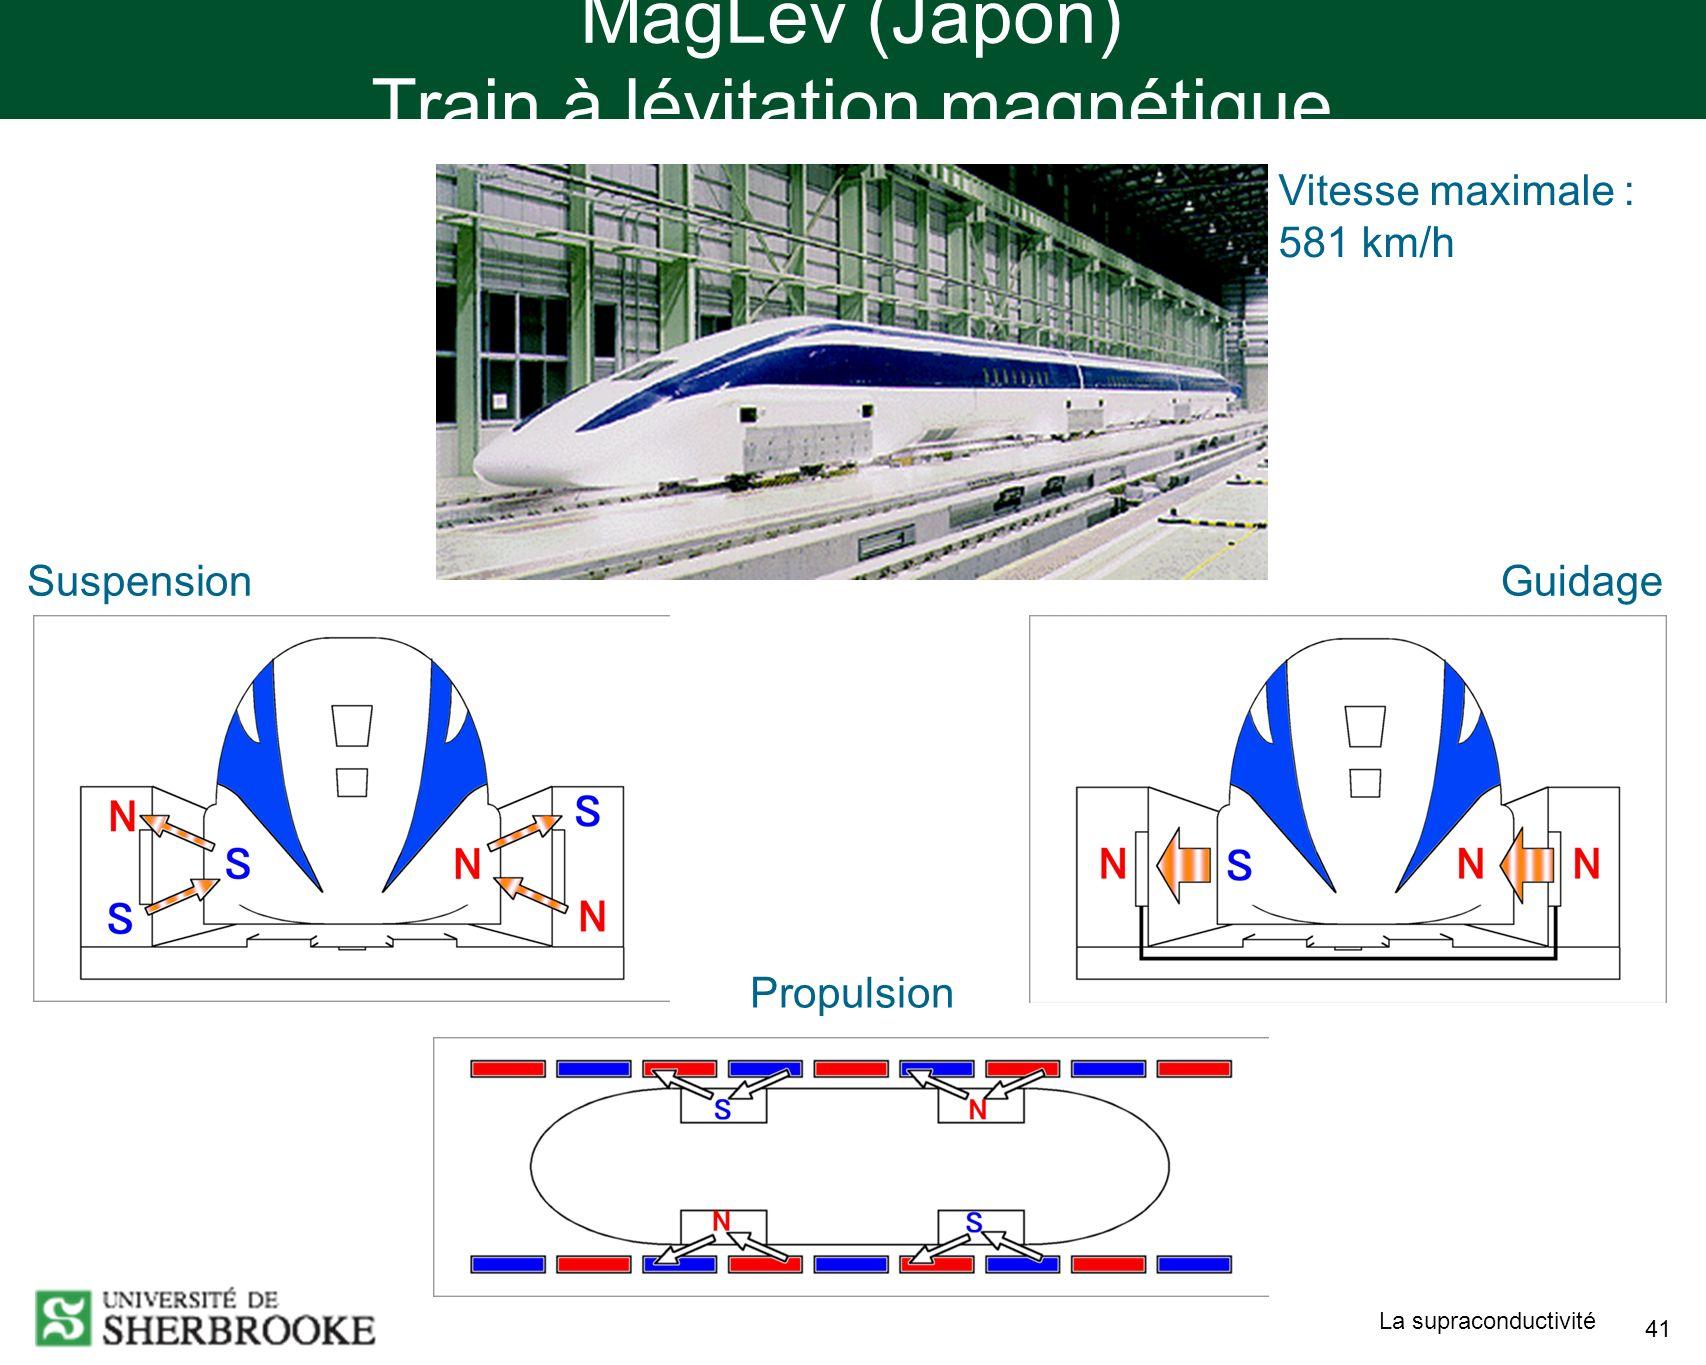 MagLev (Japon) Train à lévitation magnétique